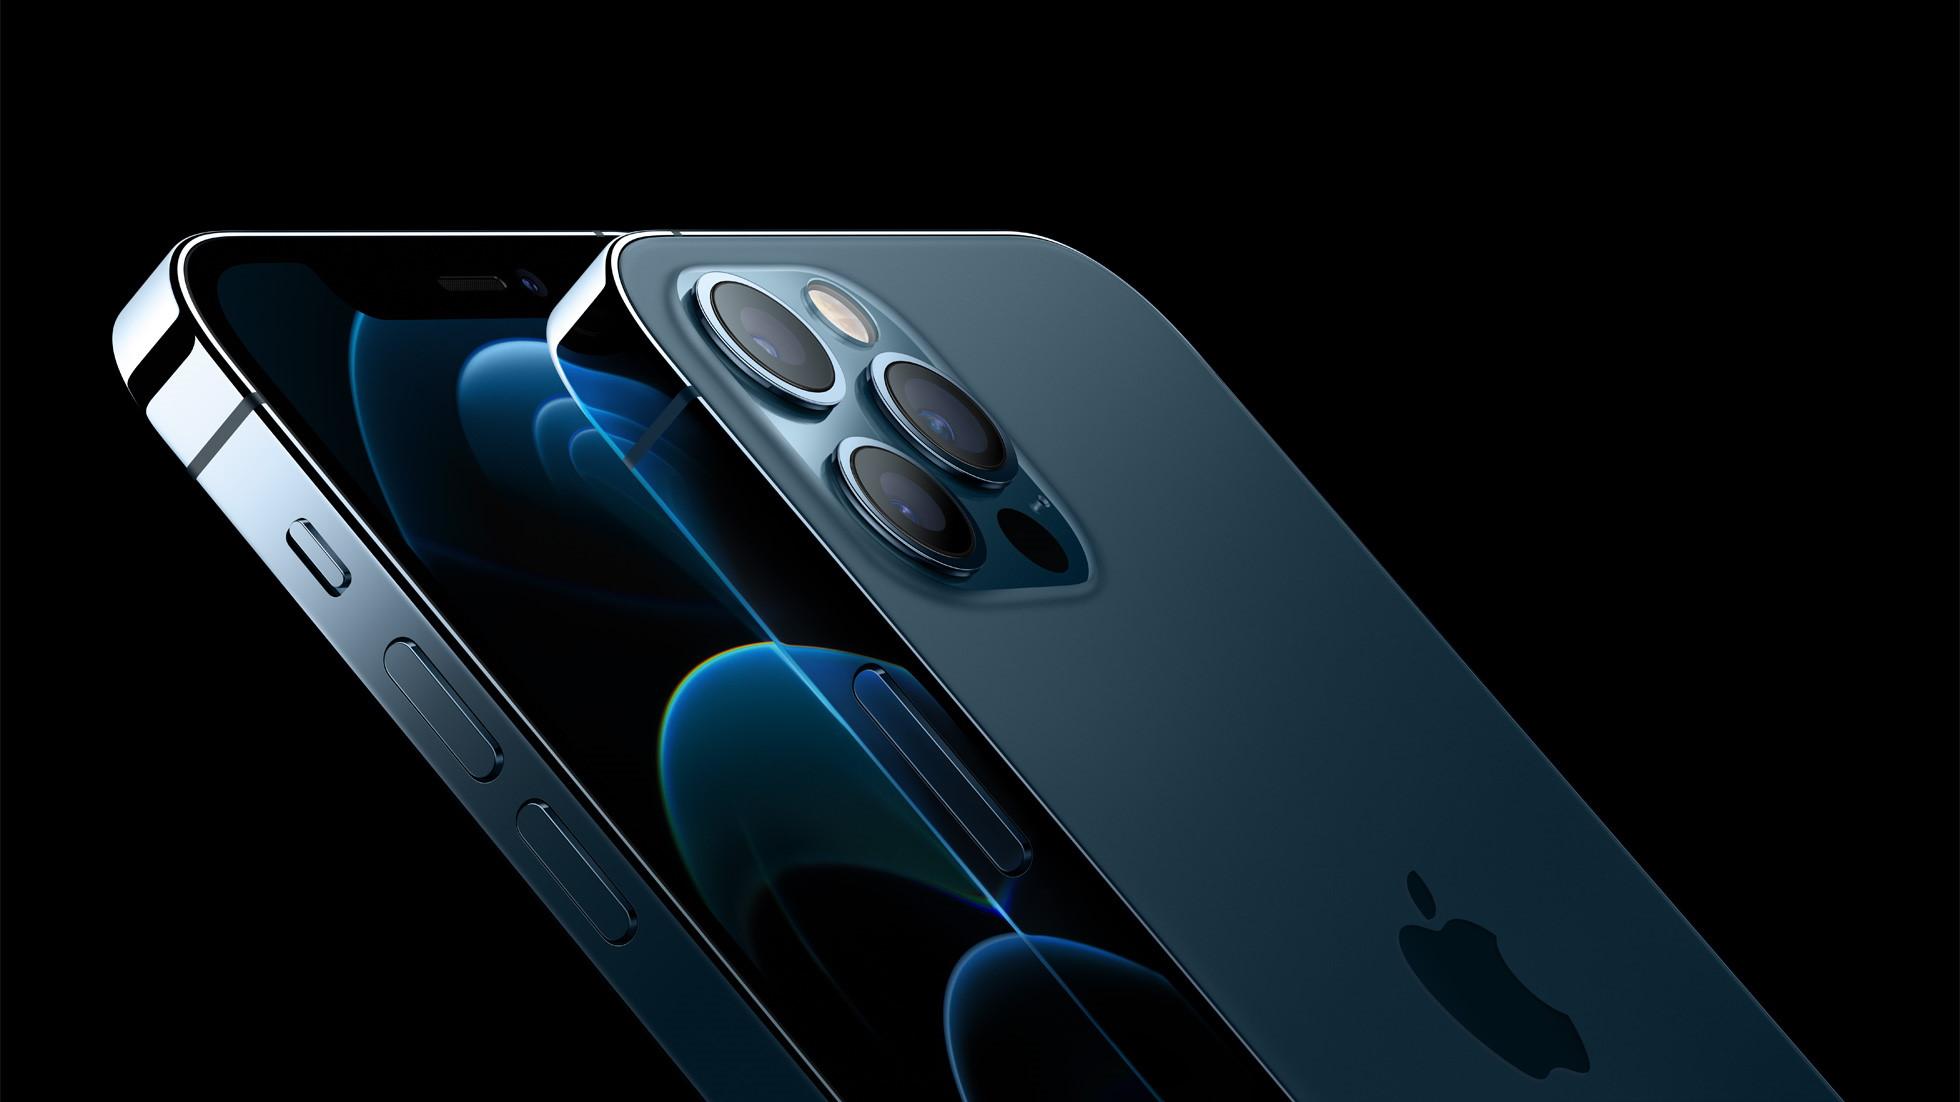 Leállíthatja az iPhone 12 a beültetett defibrillátort